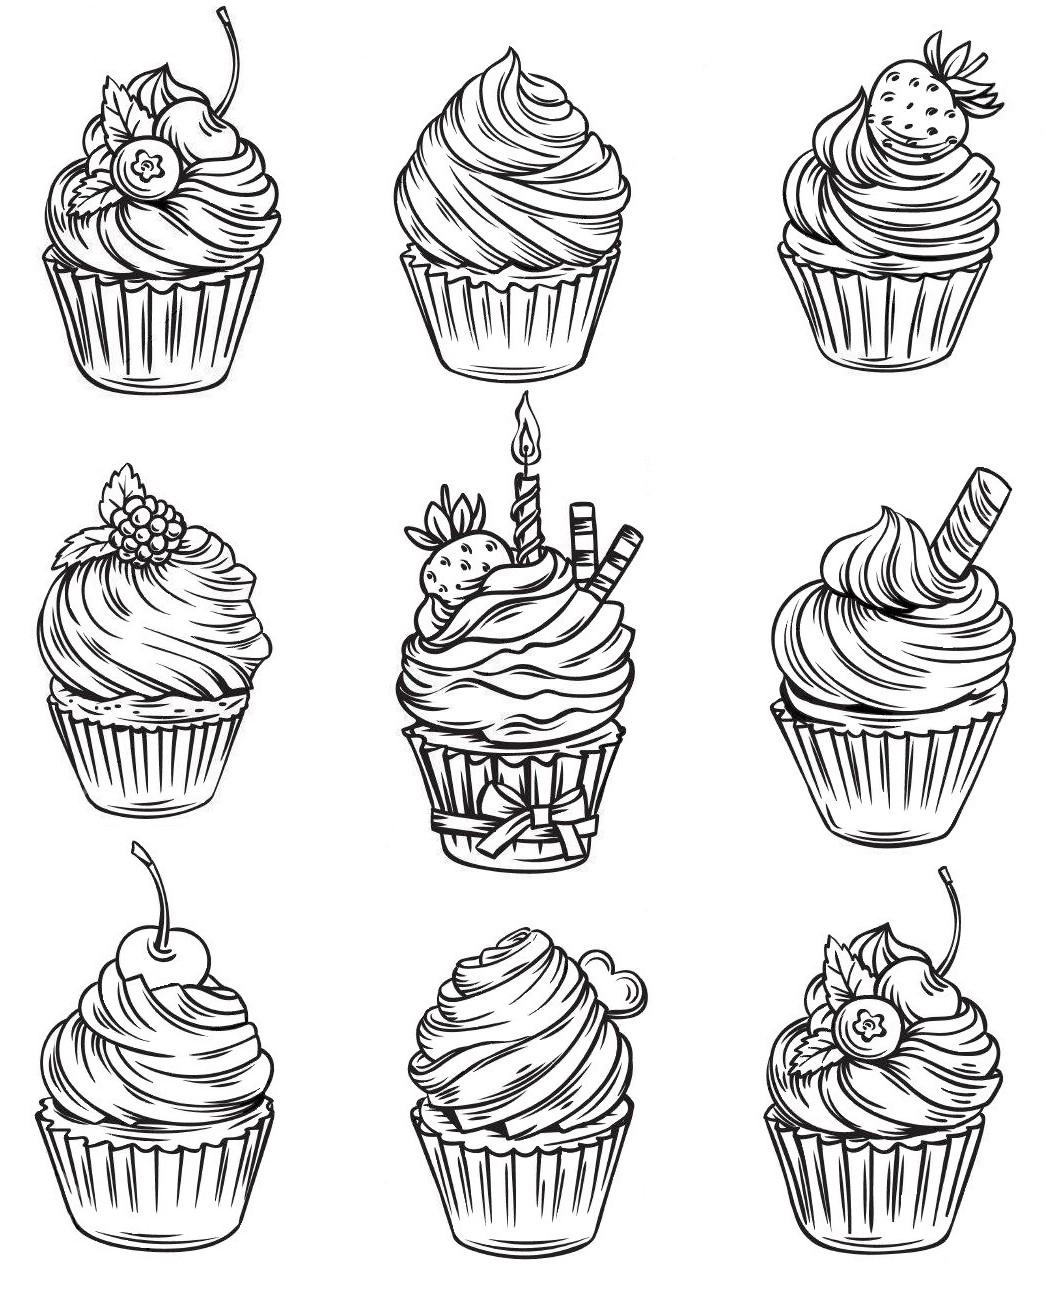 Пирожные картинки для распечатки